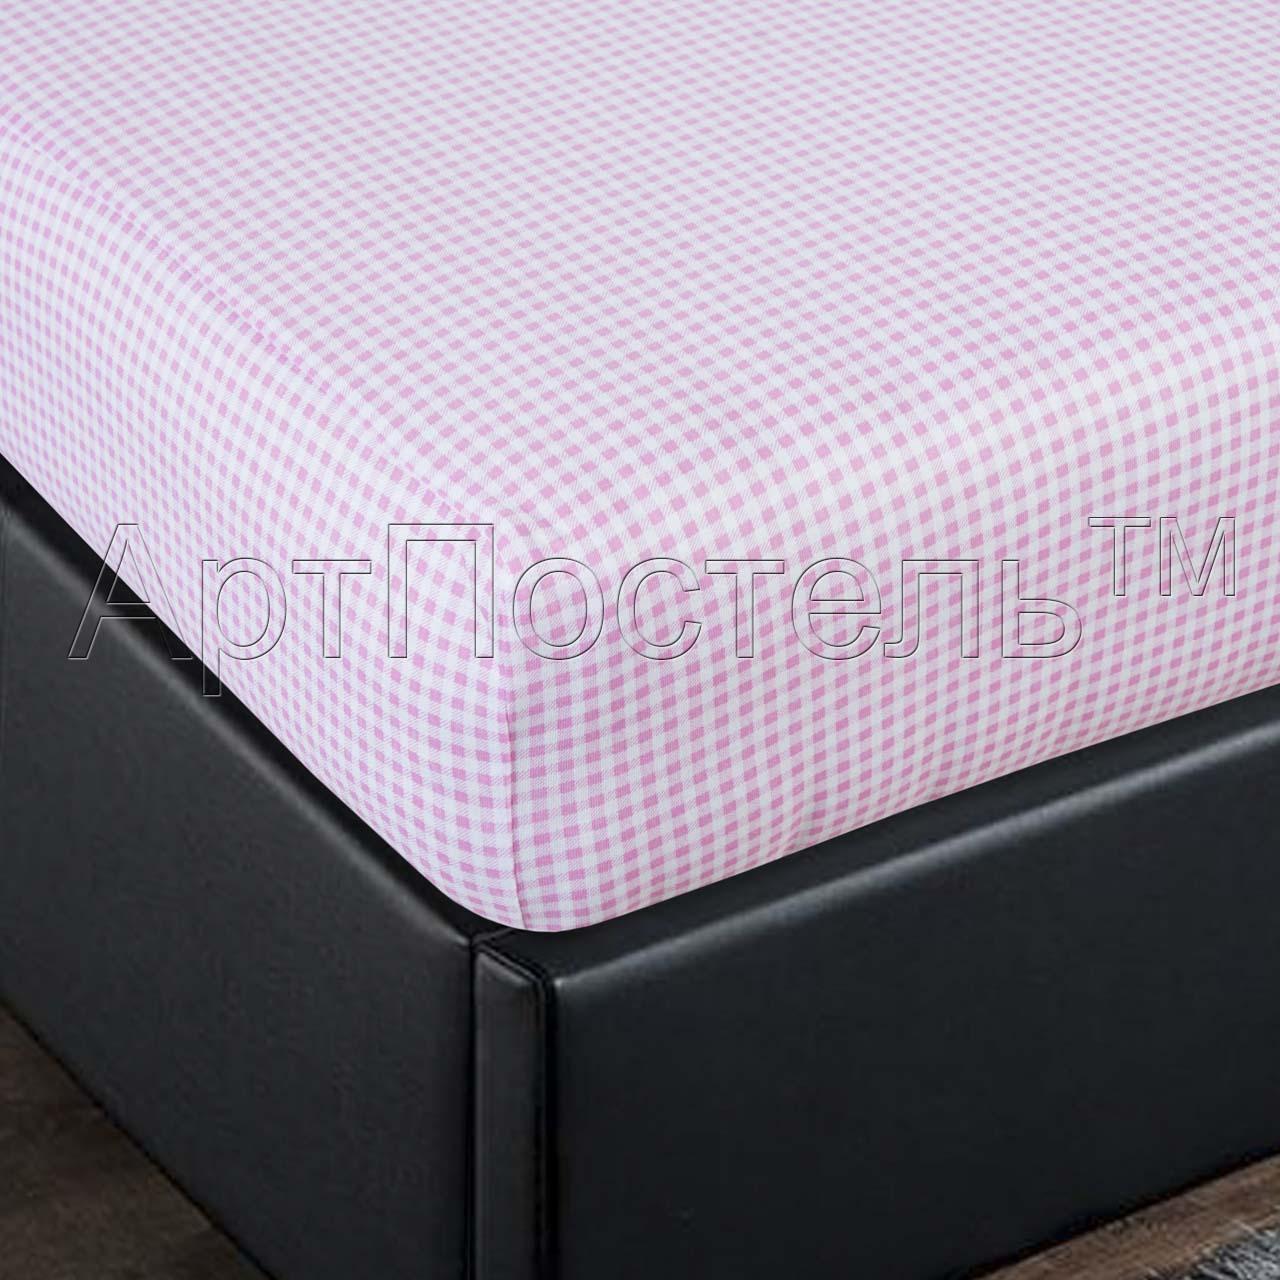 Простыня на резинке Клетка Розовый, размер 160х200 смПростыни<br>Плотность ткани:145 г/кв. м<br>Высота матраса:20 см<br><br>Тип: Простыня<br>Размер: 160х200<br>Материал: Кулирка